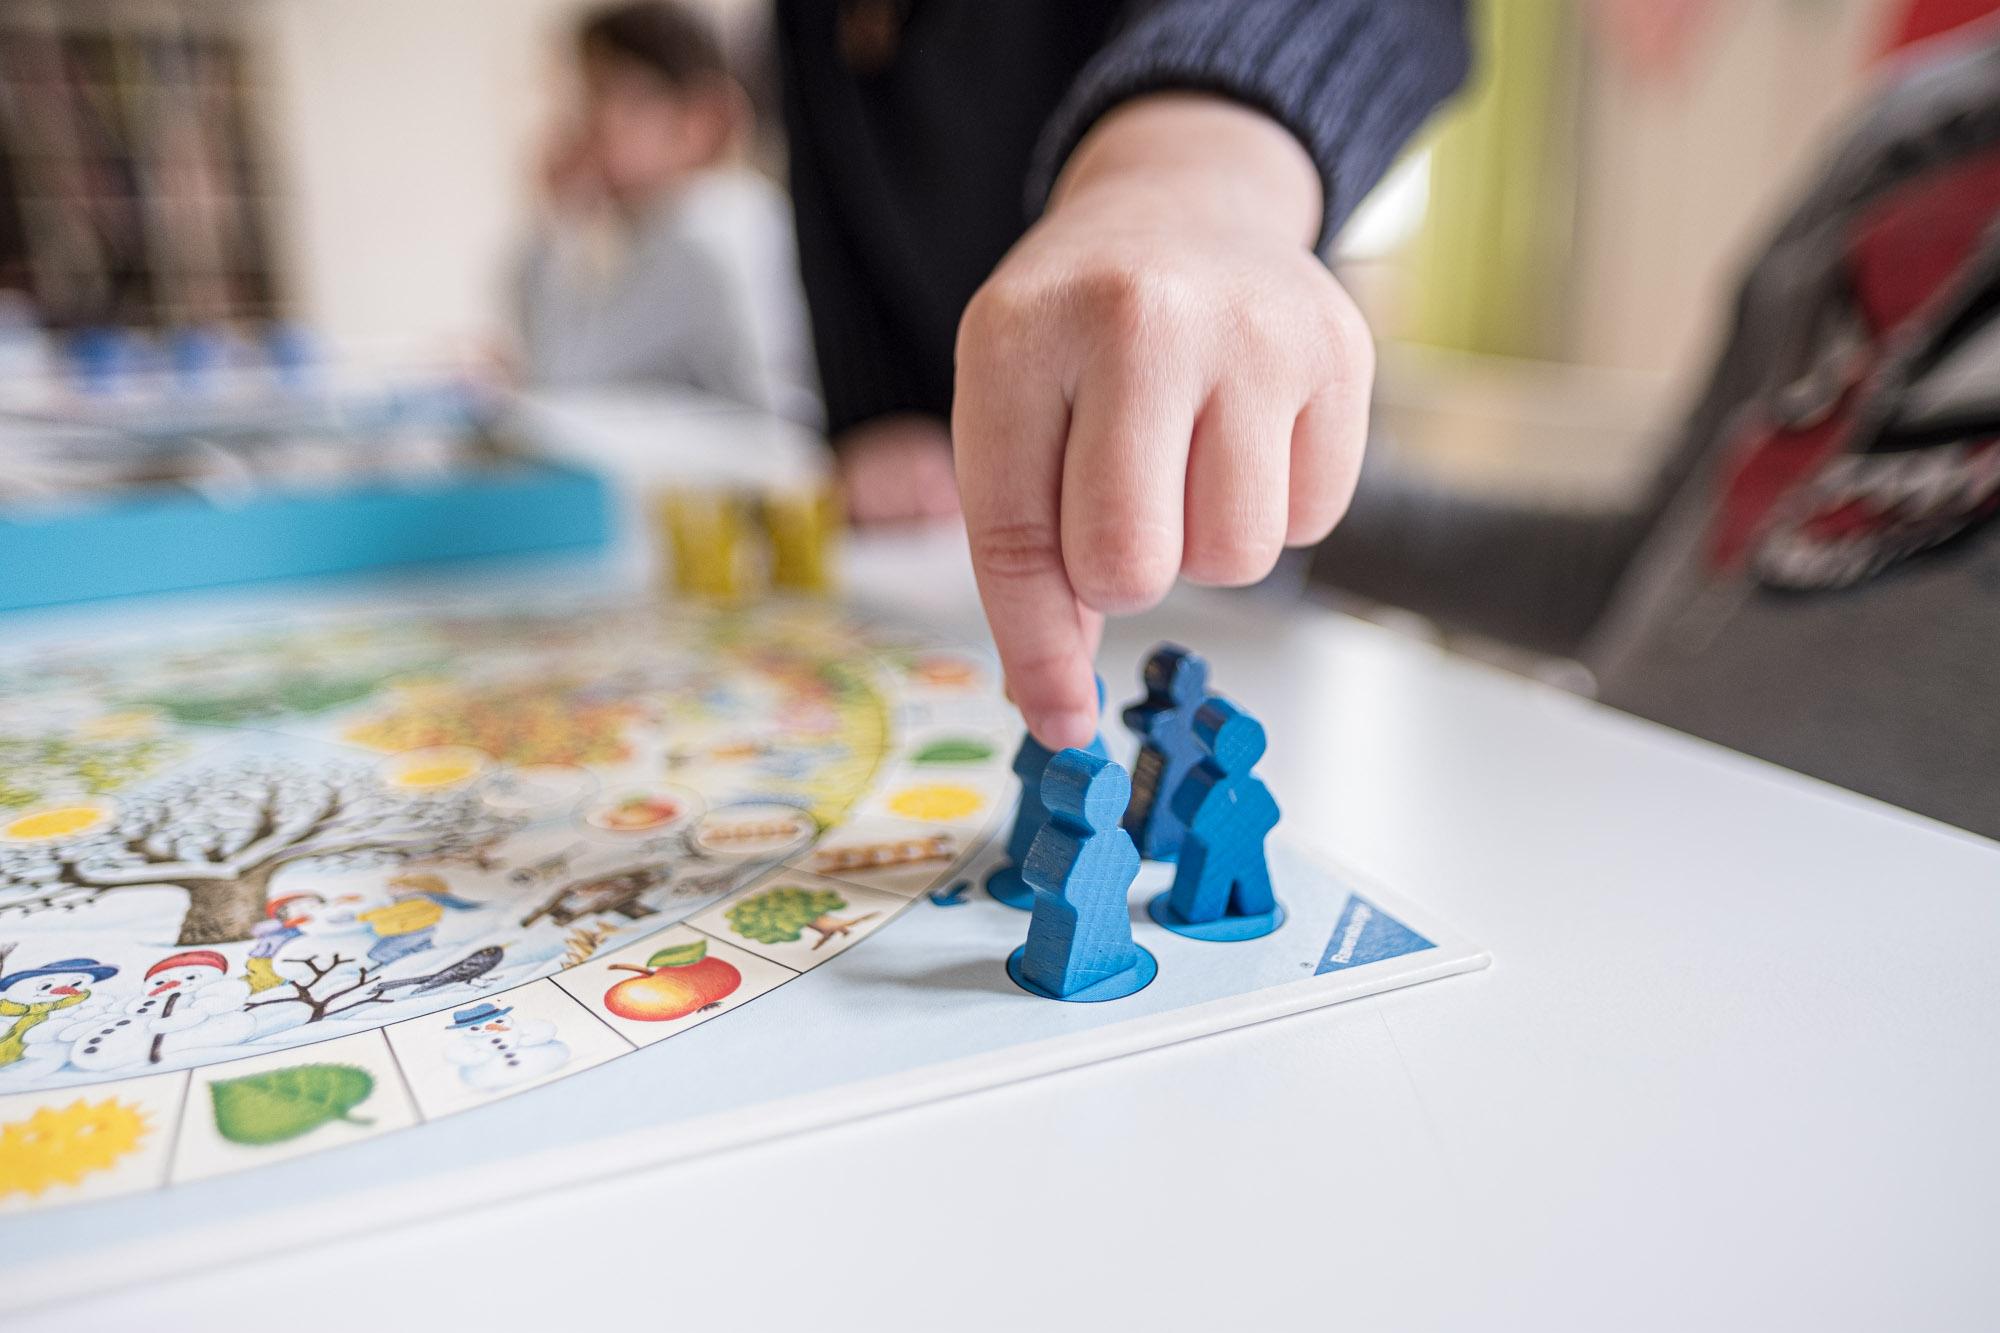 Kinderhand an Spielfigur